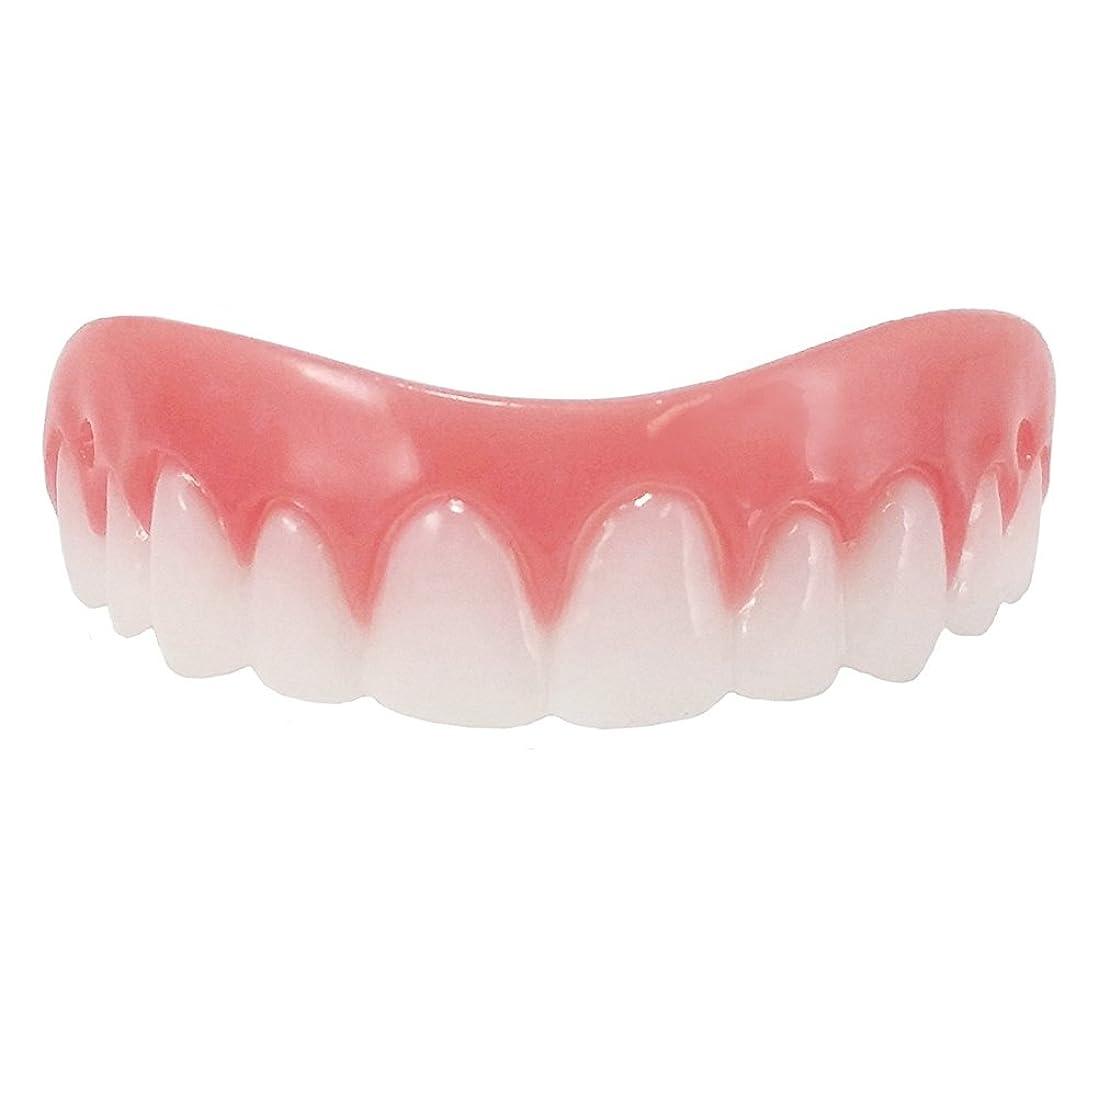 気づく編集者策定するシリコン義歯ペースト 美容用 入れ歯 上歯 下歯2個セット (free size)